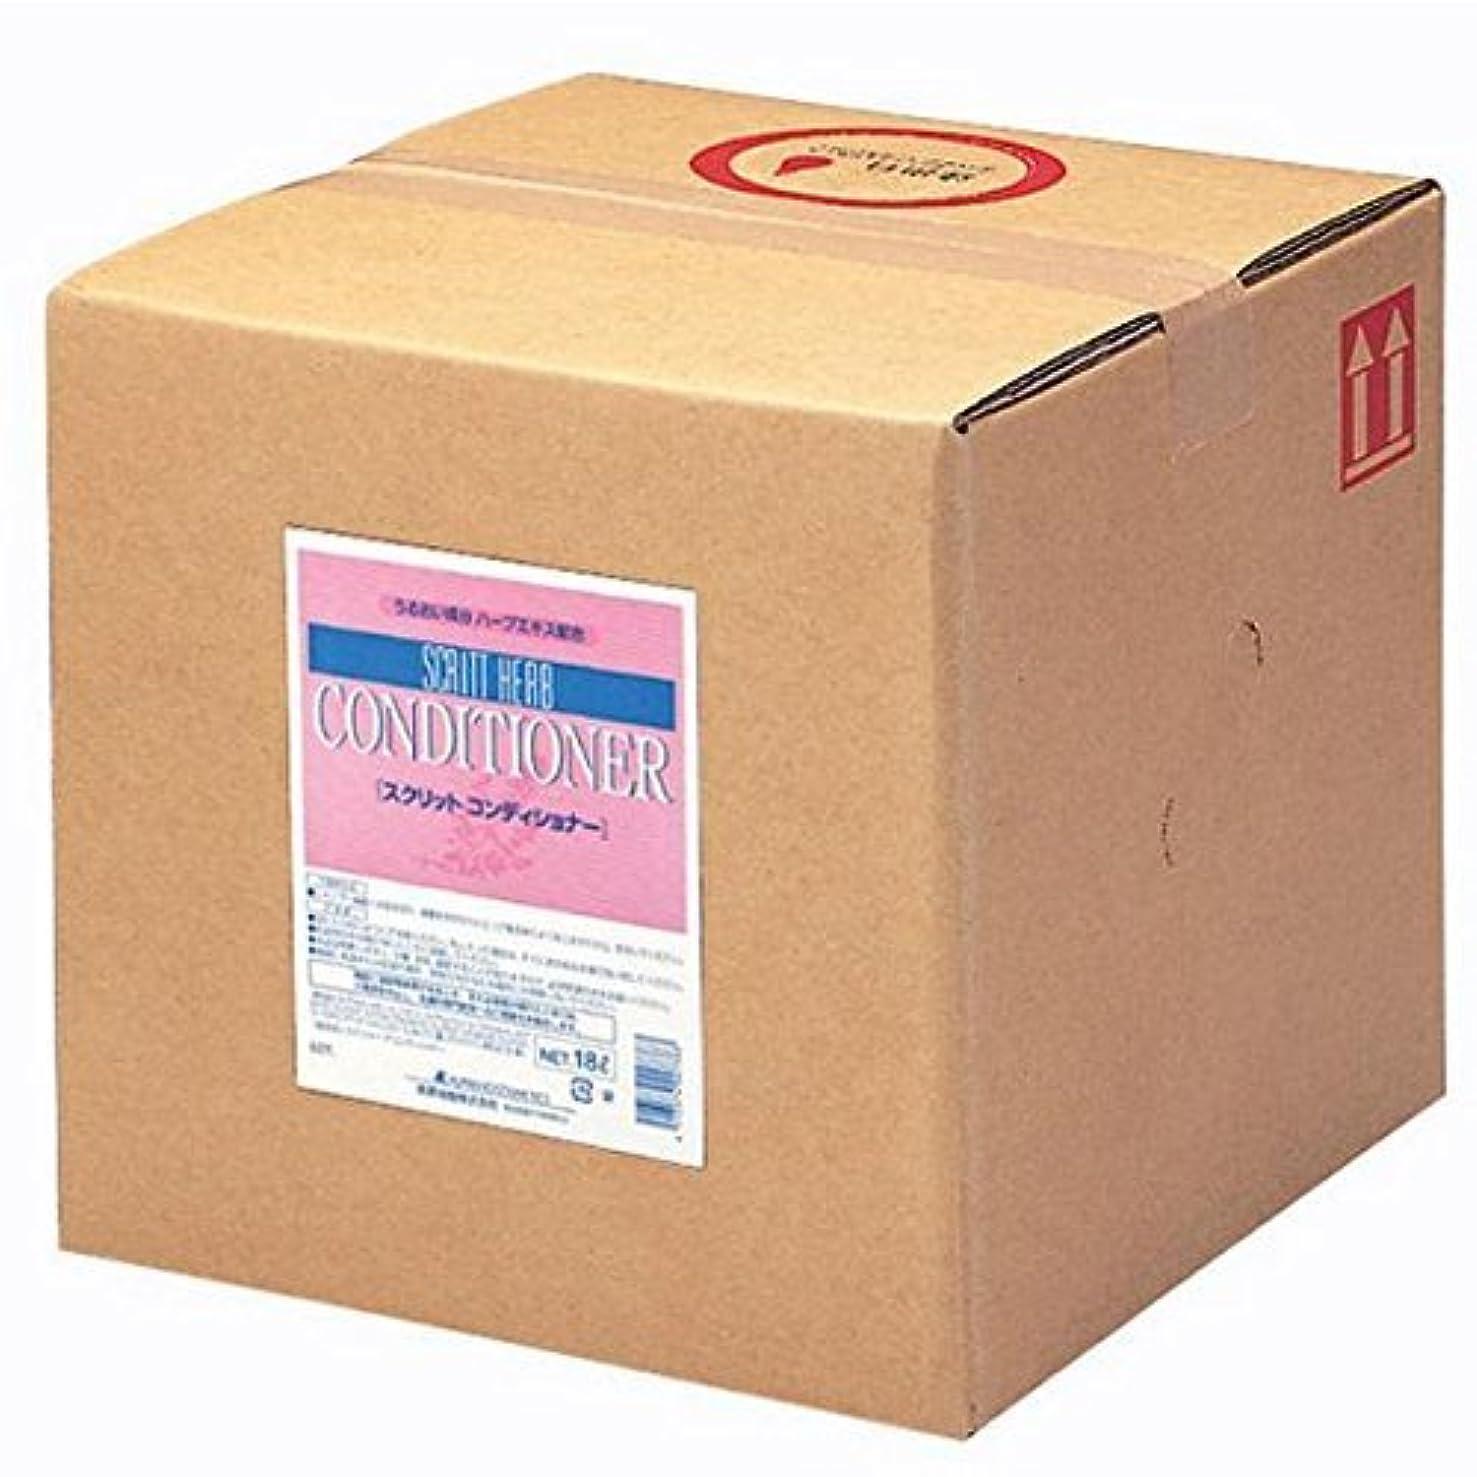 文庫本擁するマグ業務用 スクリット(SCRITT) コンディショナー 18L 熊野油脂 (コック無し)